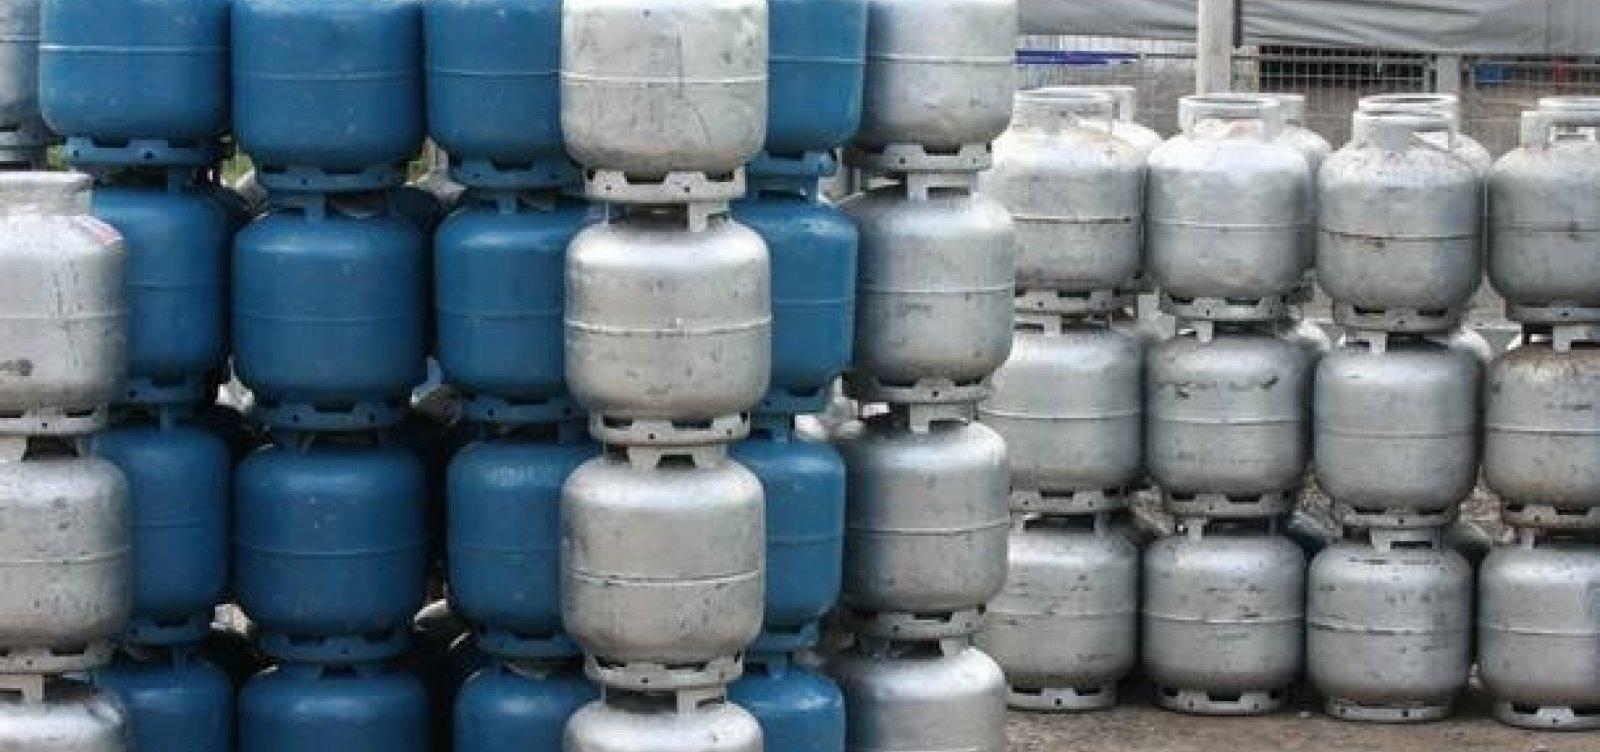 Petrobras anuncia aumento de 8,5% em preço de botijão de gás nas refinarias